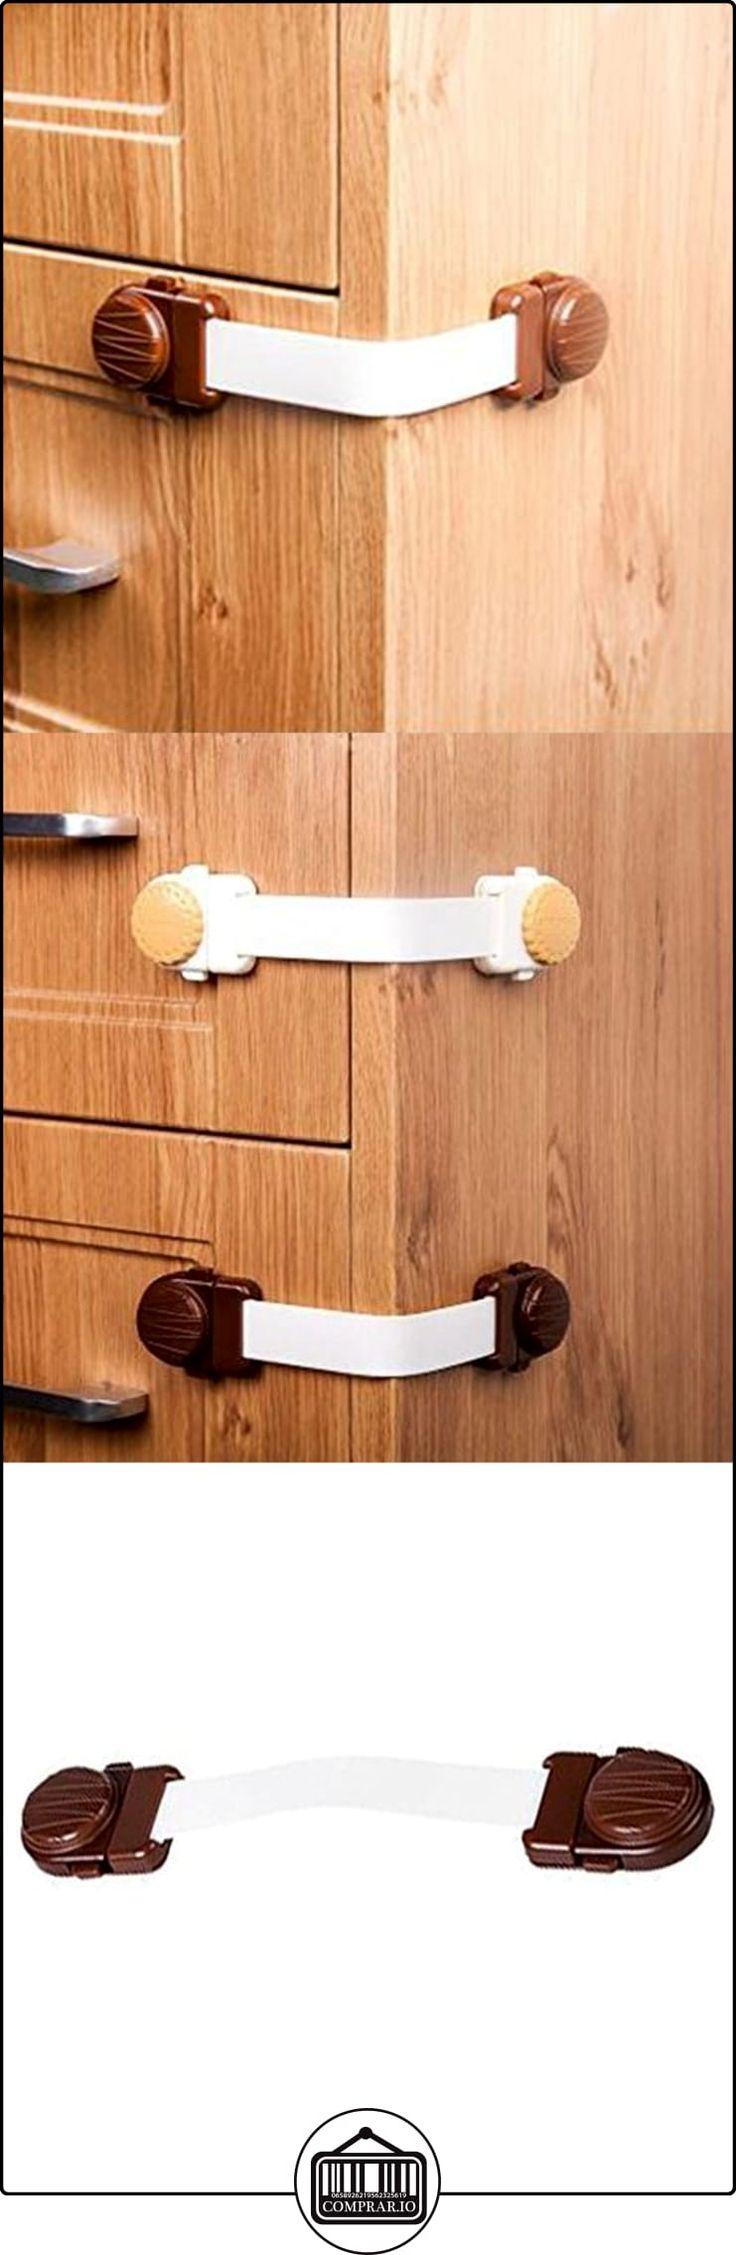 Highdas Child Proof Gabinete Cajón Refrigerador Asiento de WC Seguridad Cerraduras de la correa Bebé Prueba Pestillos Café Color 3 Packs  ✿ Seguridad para tu bebé - (Protege a tus hijos) ✿ ▬► Ver oferta: http://comprar.io/goto/B01N7Q9RMY